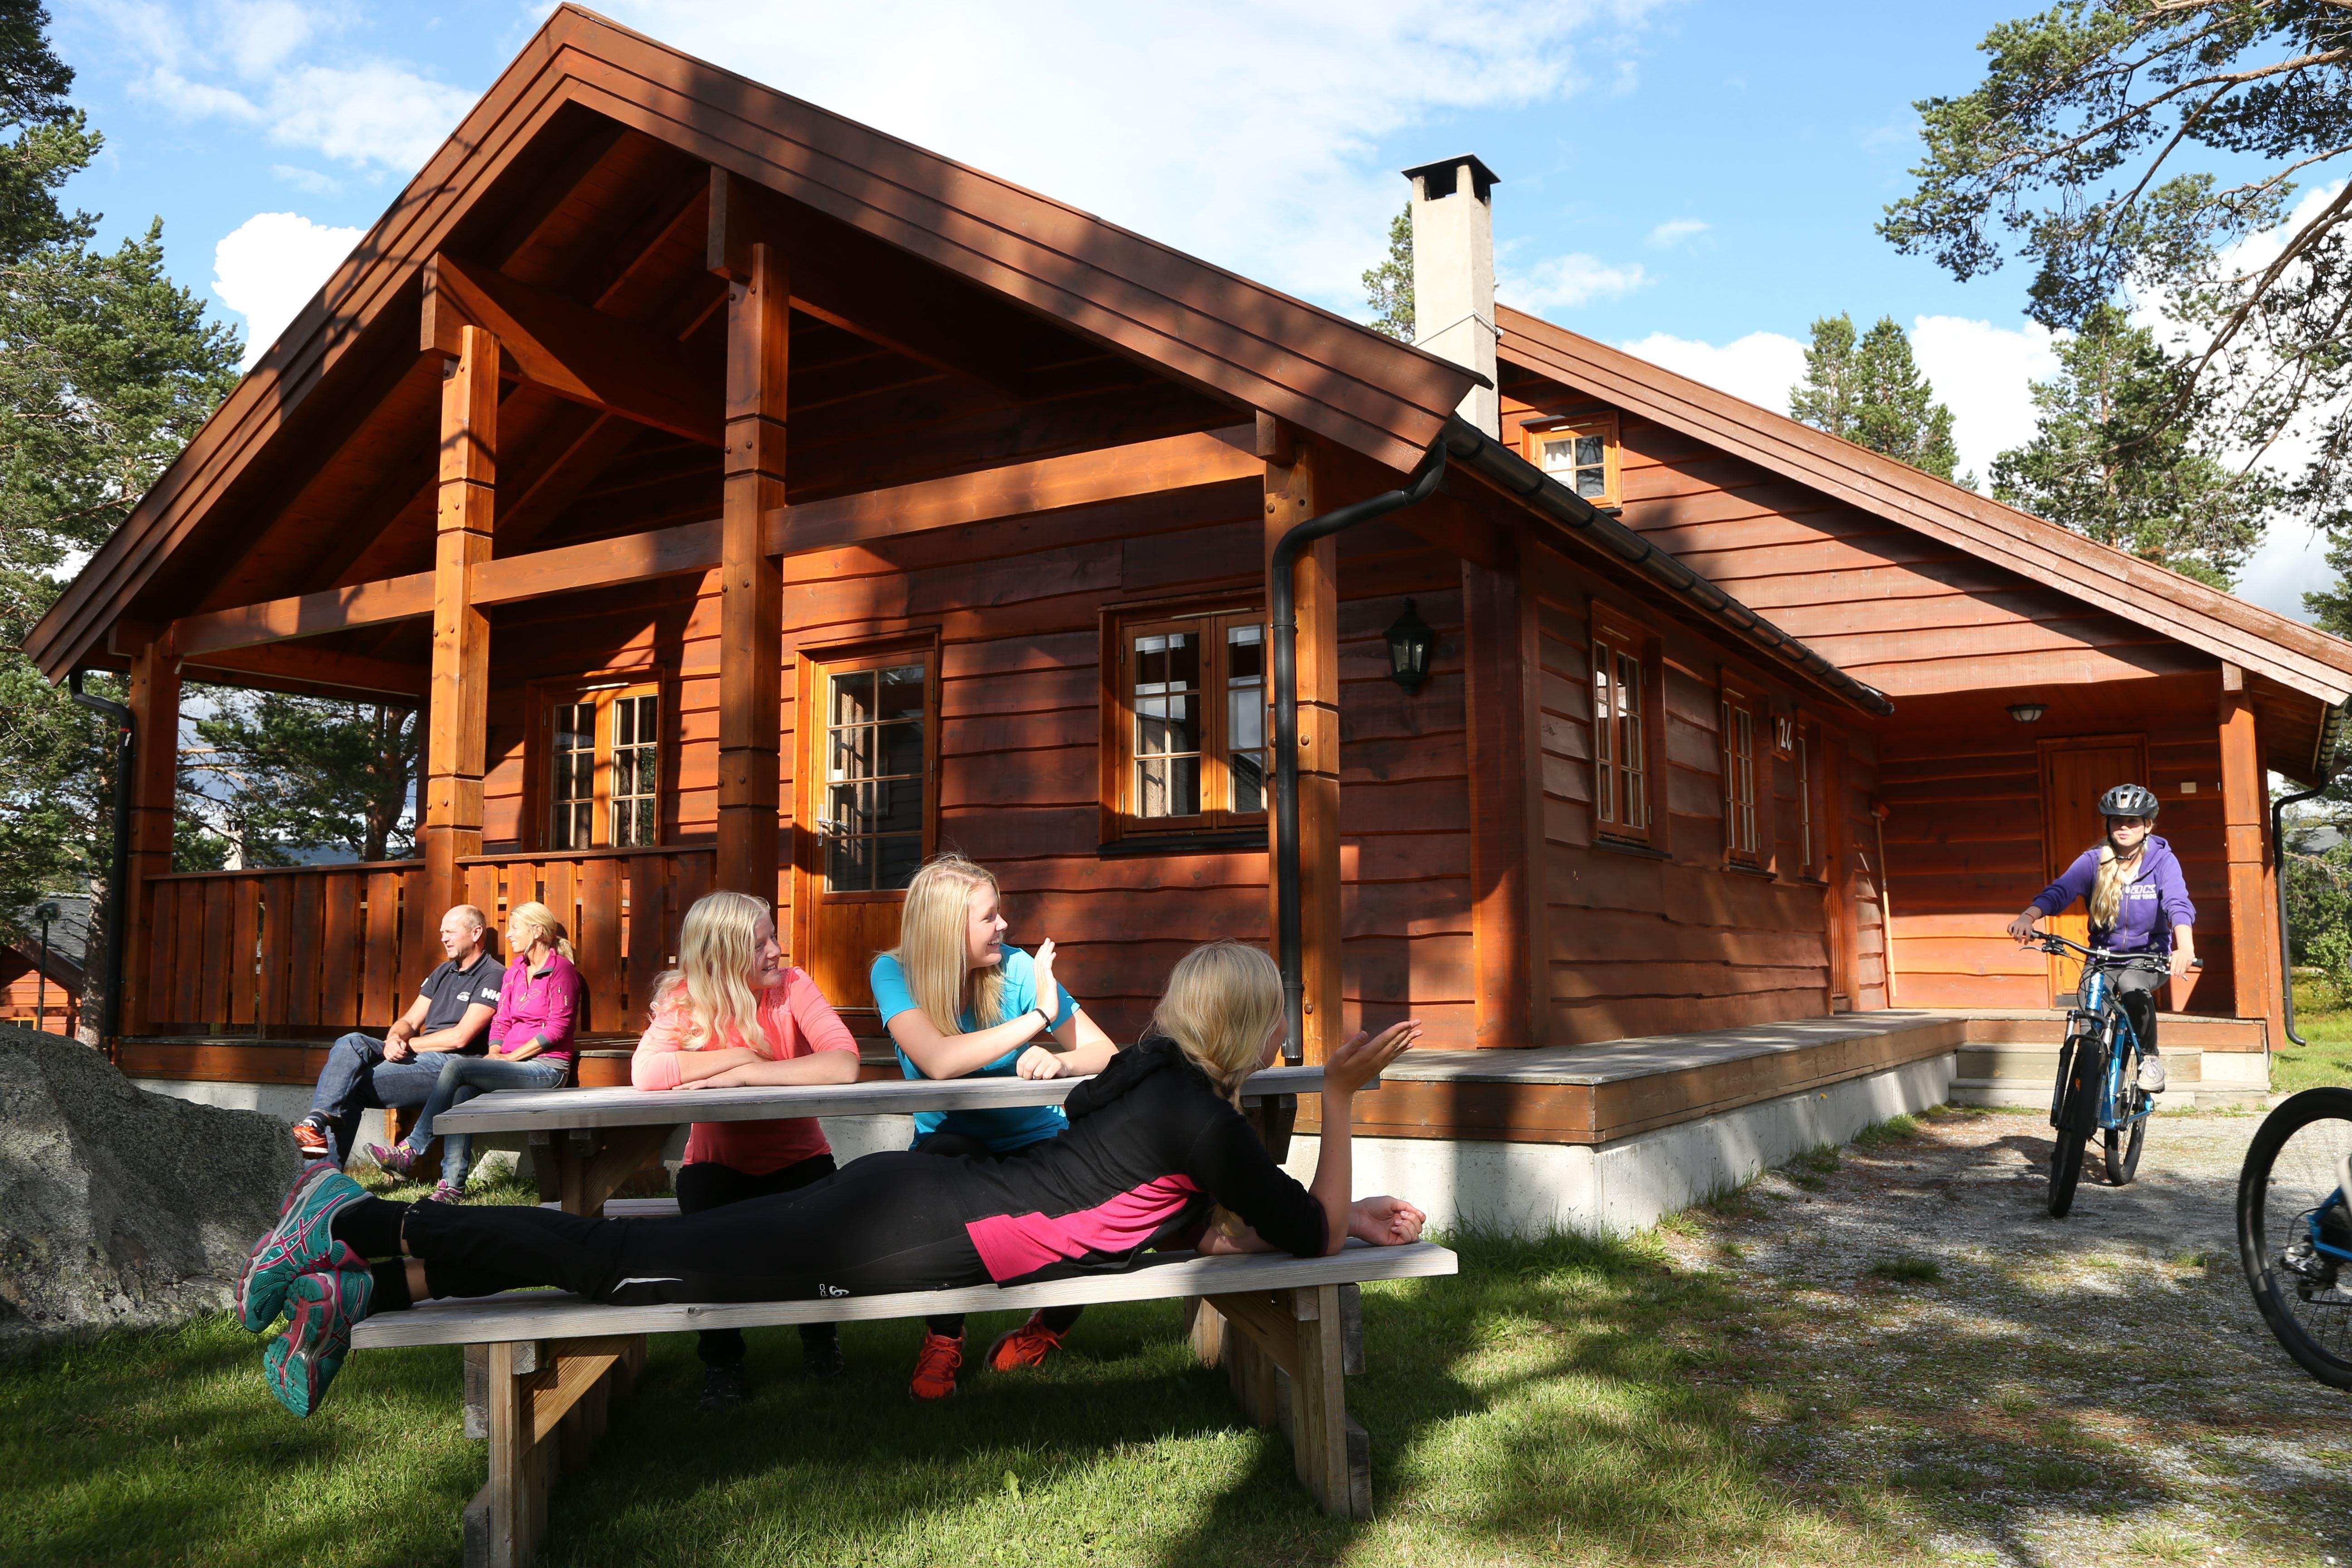 12sengshytte / 12bed cabin